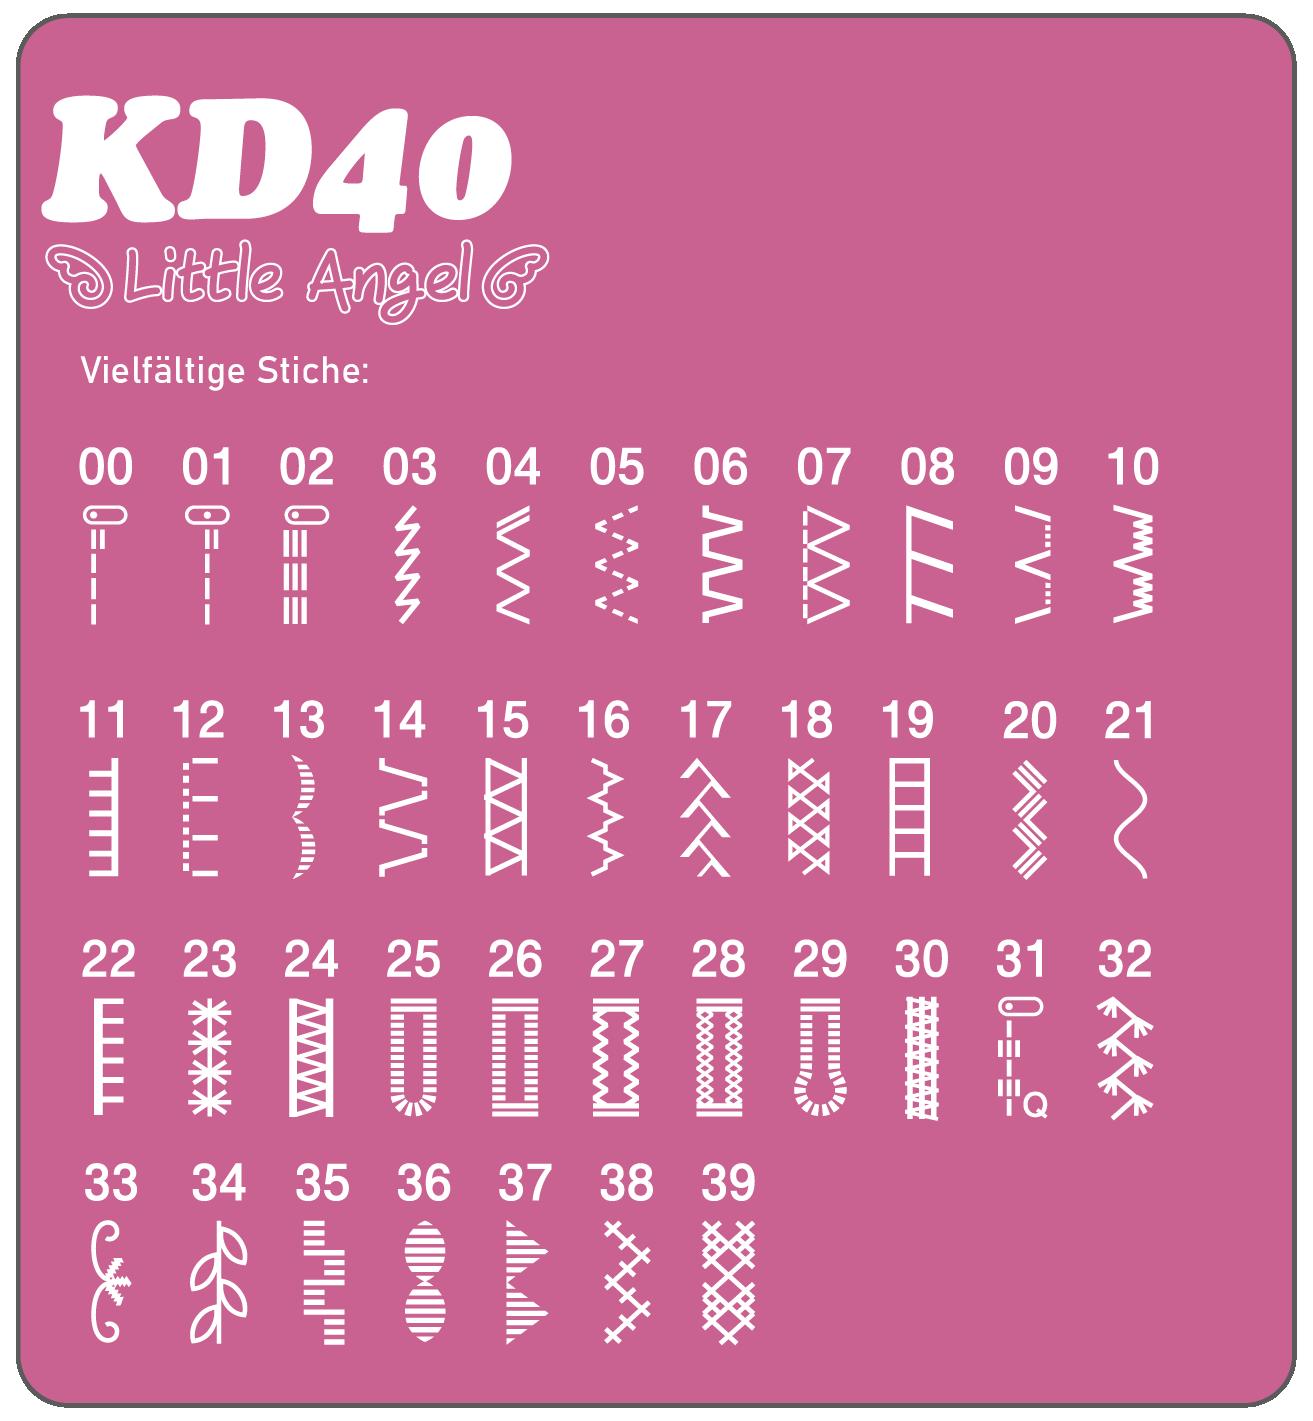 KD-40-stichubersicht-01